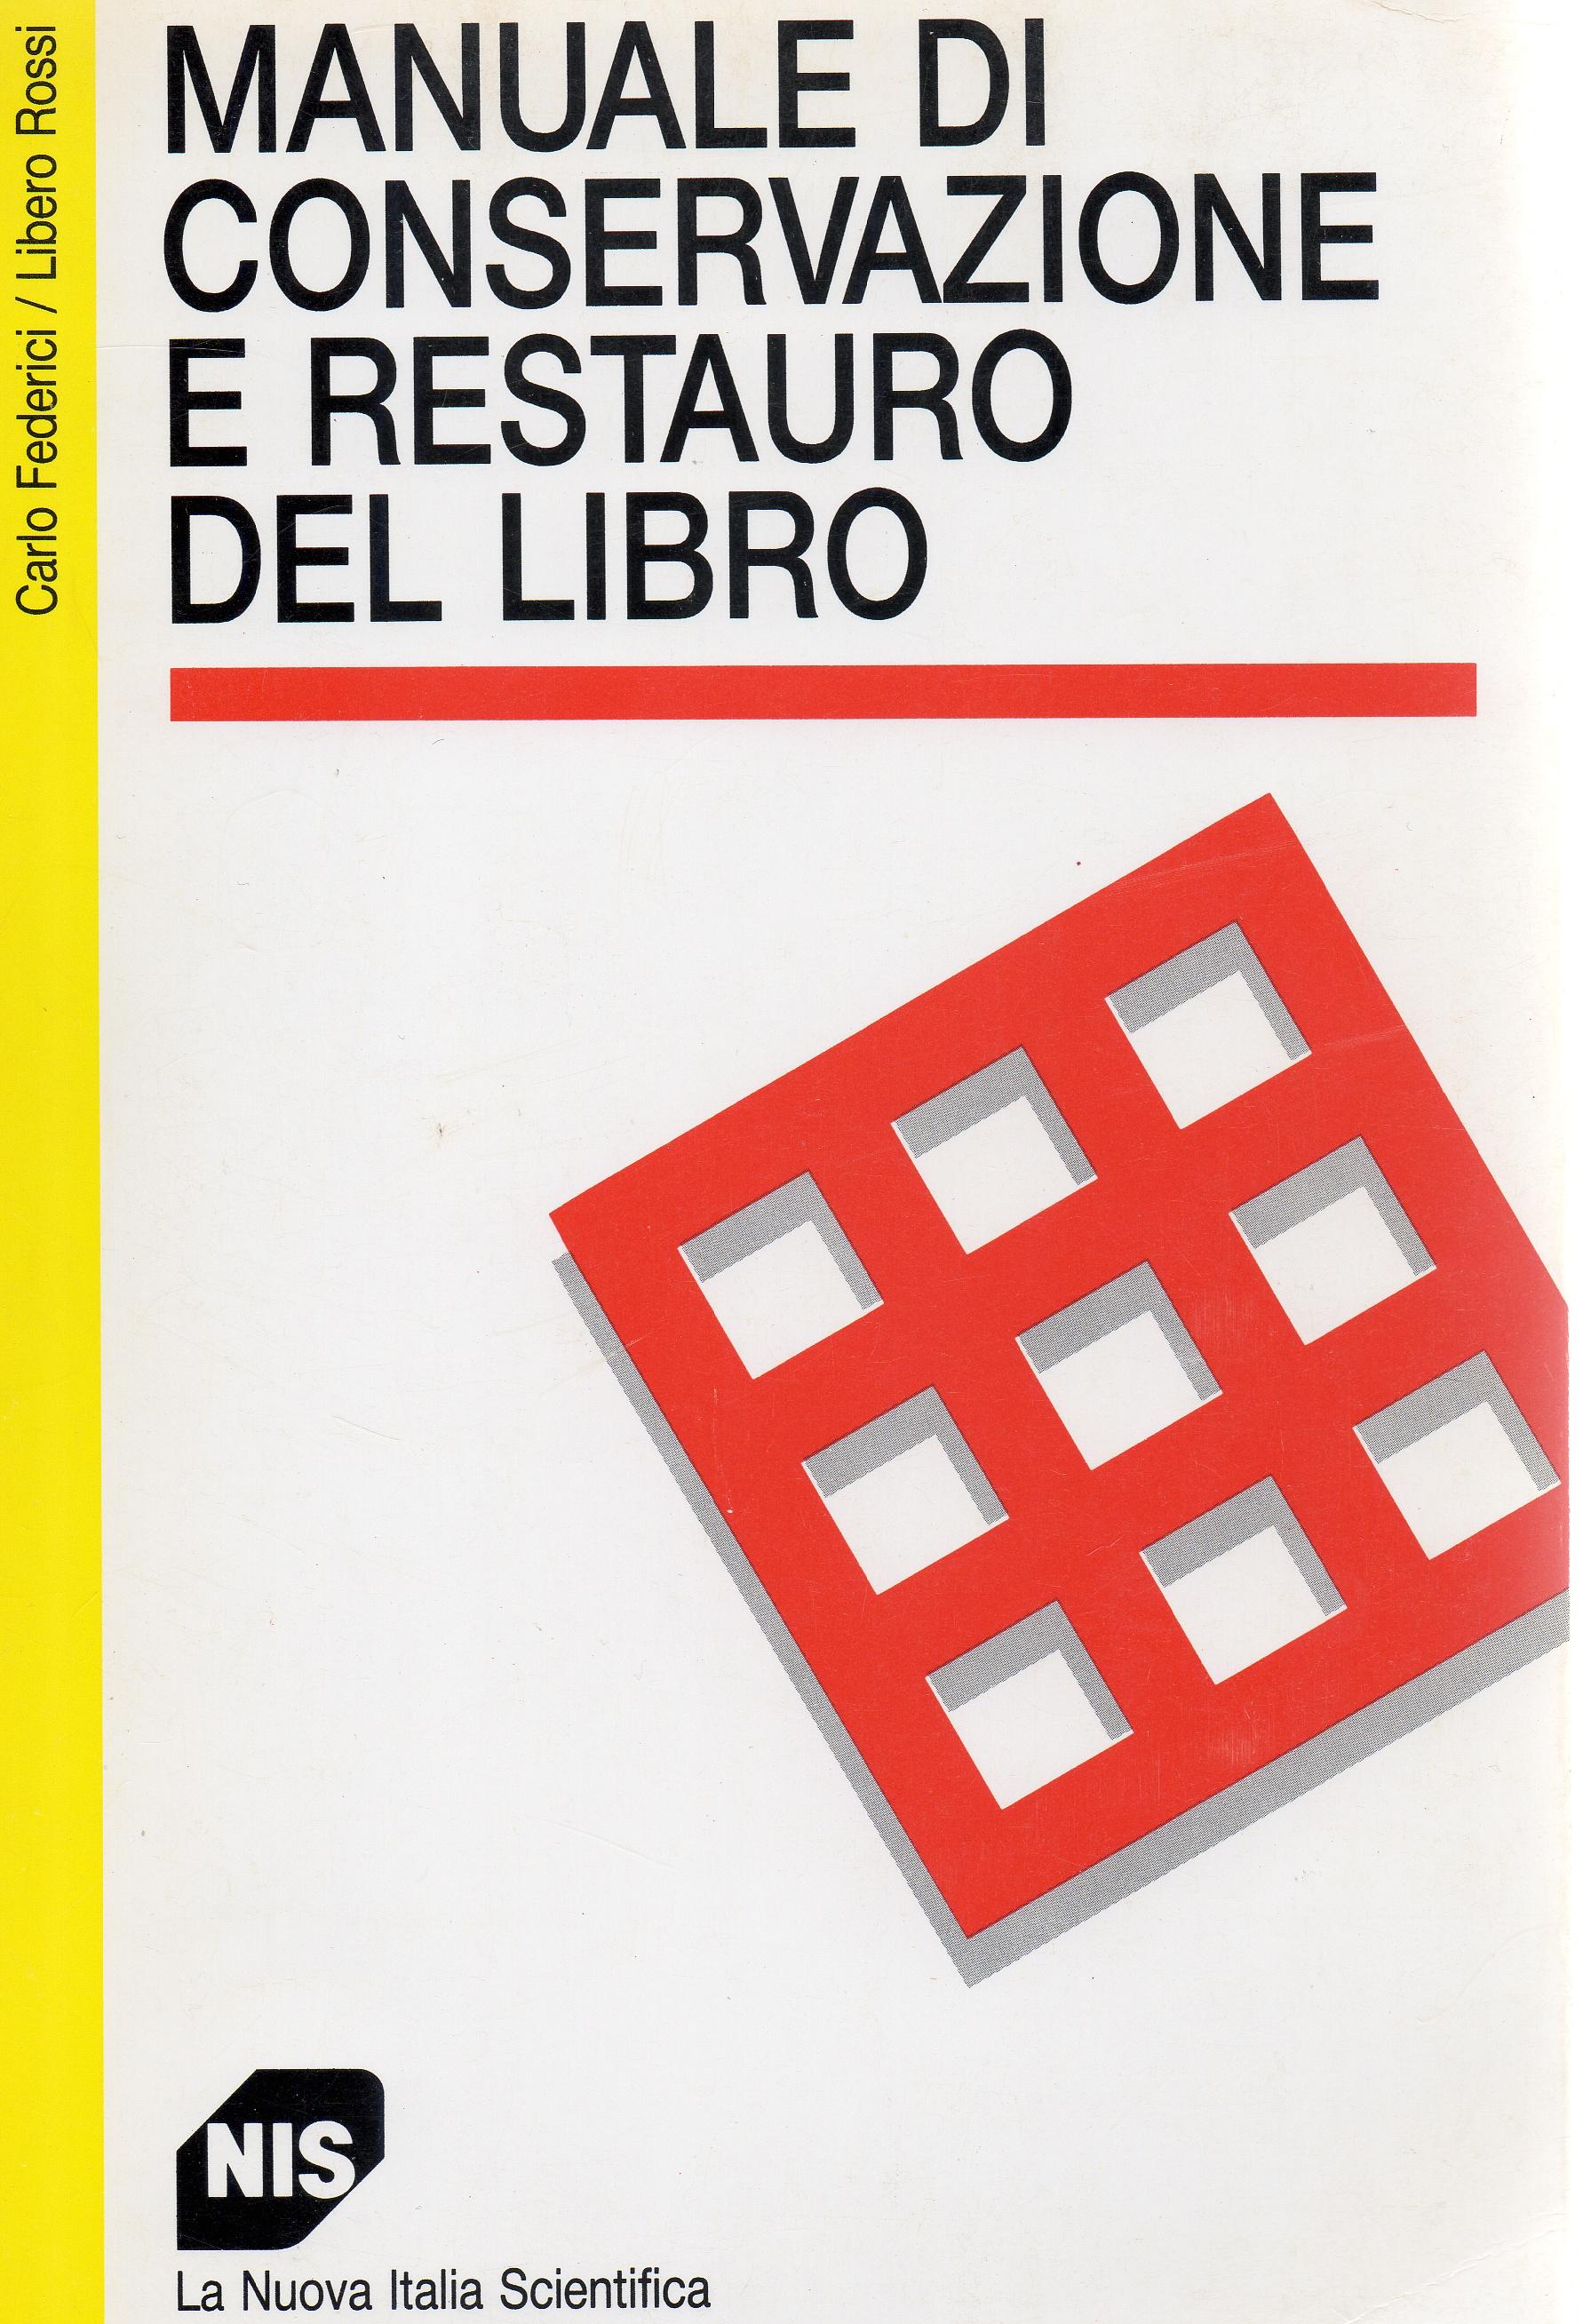 Manuale di conservazione e restauro del libro